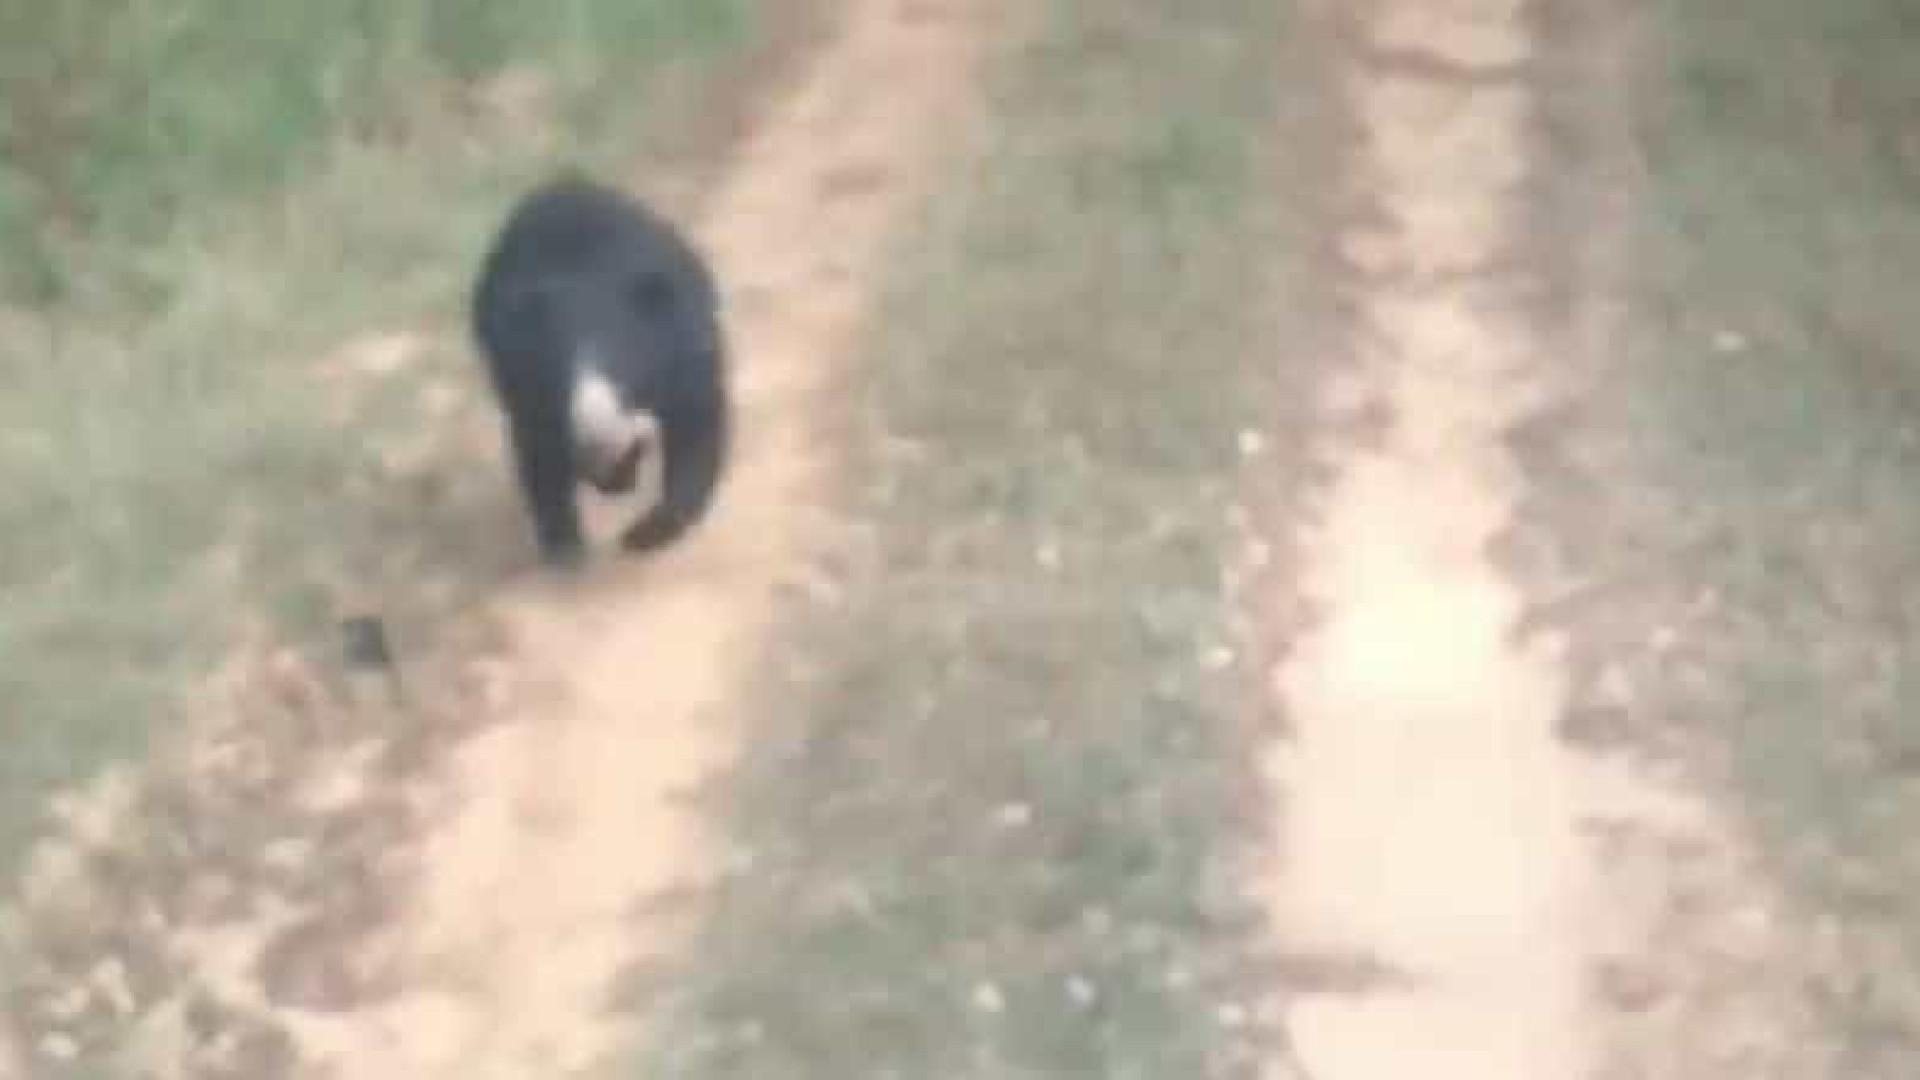 Urso ataca equipe que o libertou e fere gravemente 2 pessoas. Veja!